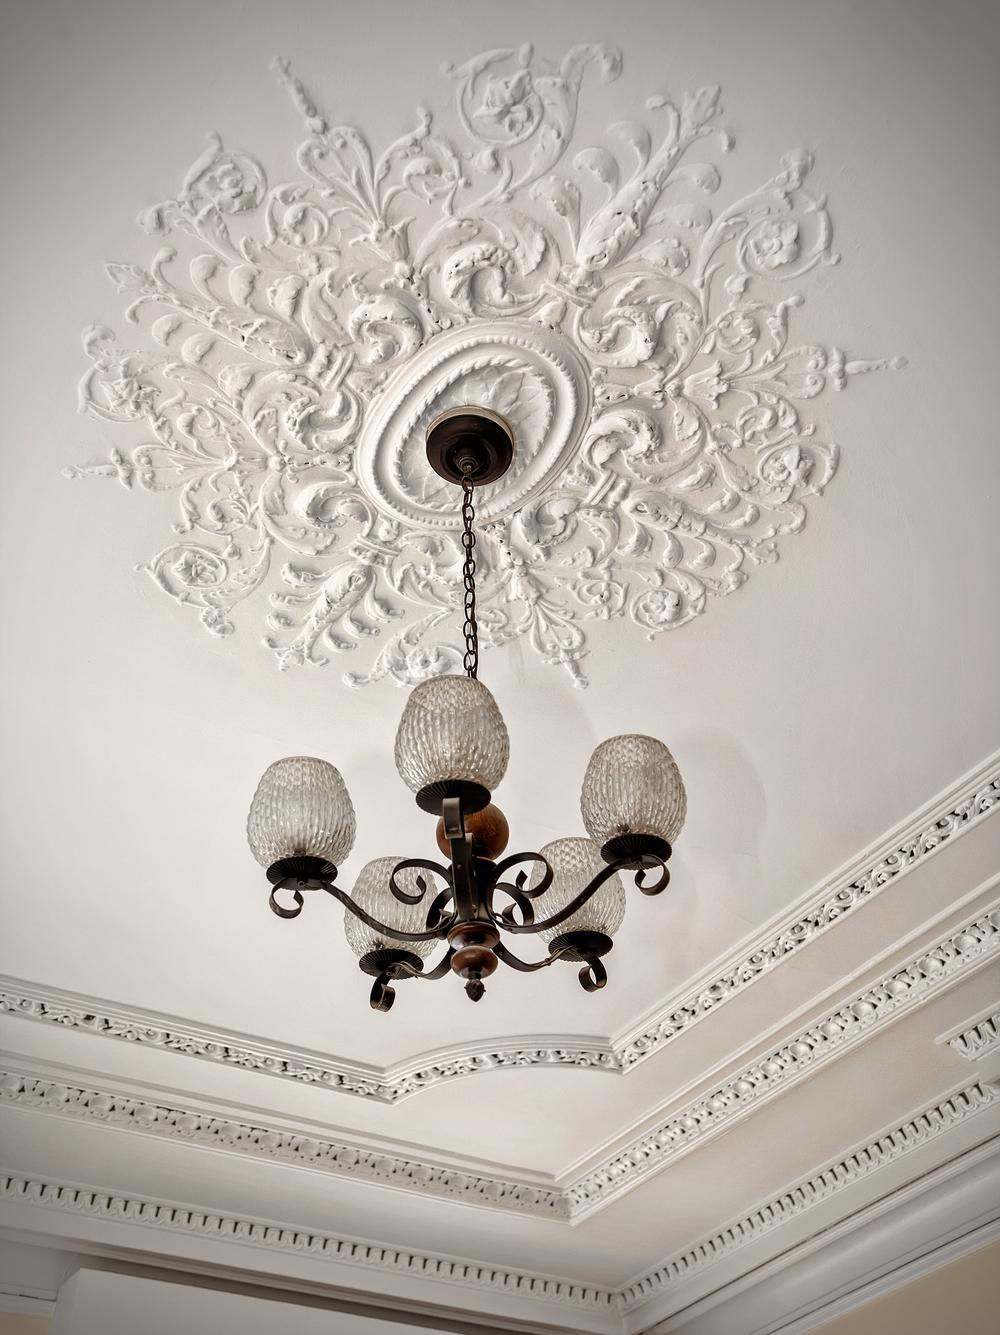 20160519_238e15thst-dh_ceiling.jpg